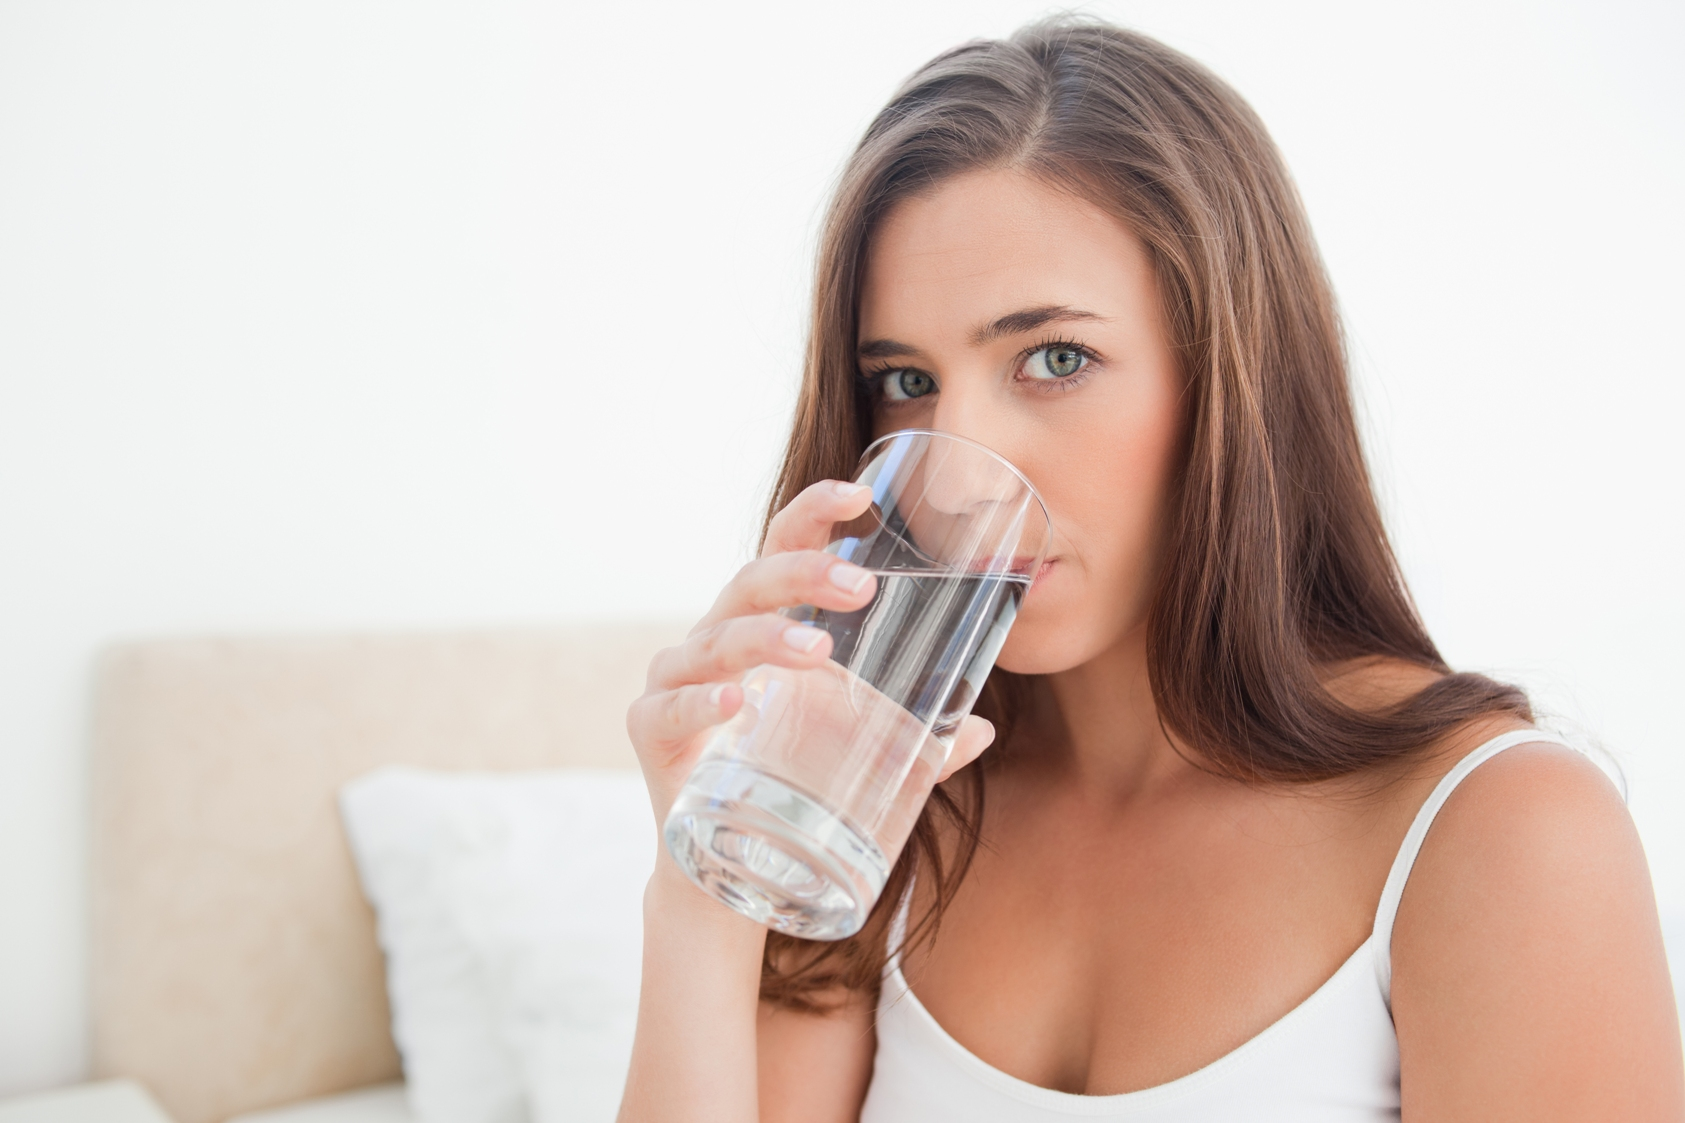 Șapte metode eficiente să vă întăriți sistemul imunitar și să vă feriți de gripă